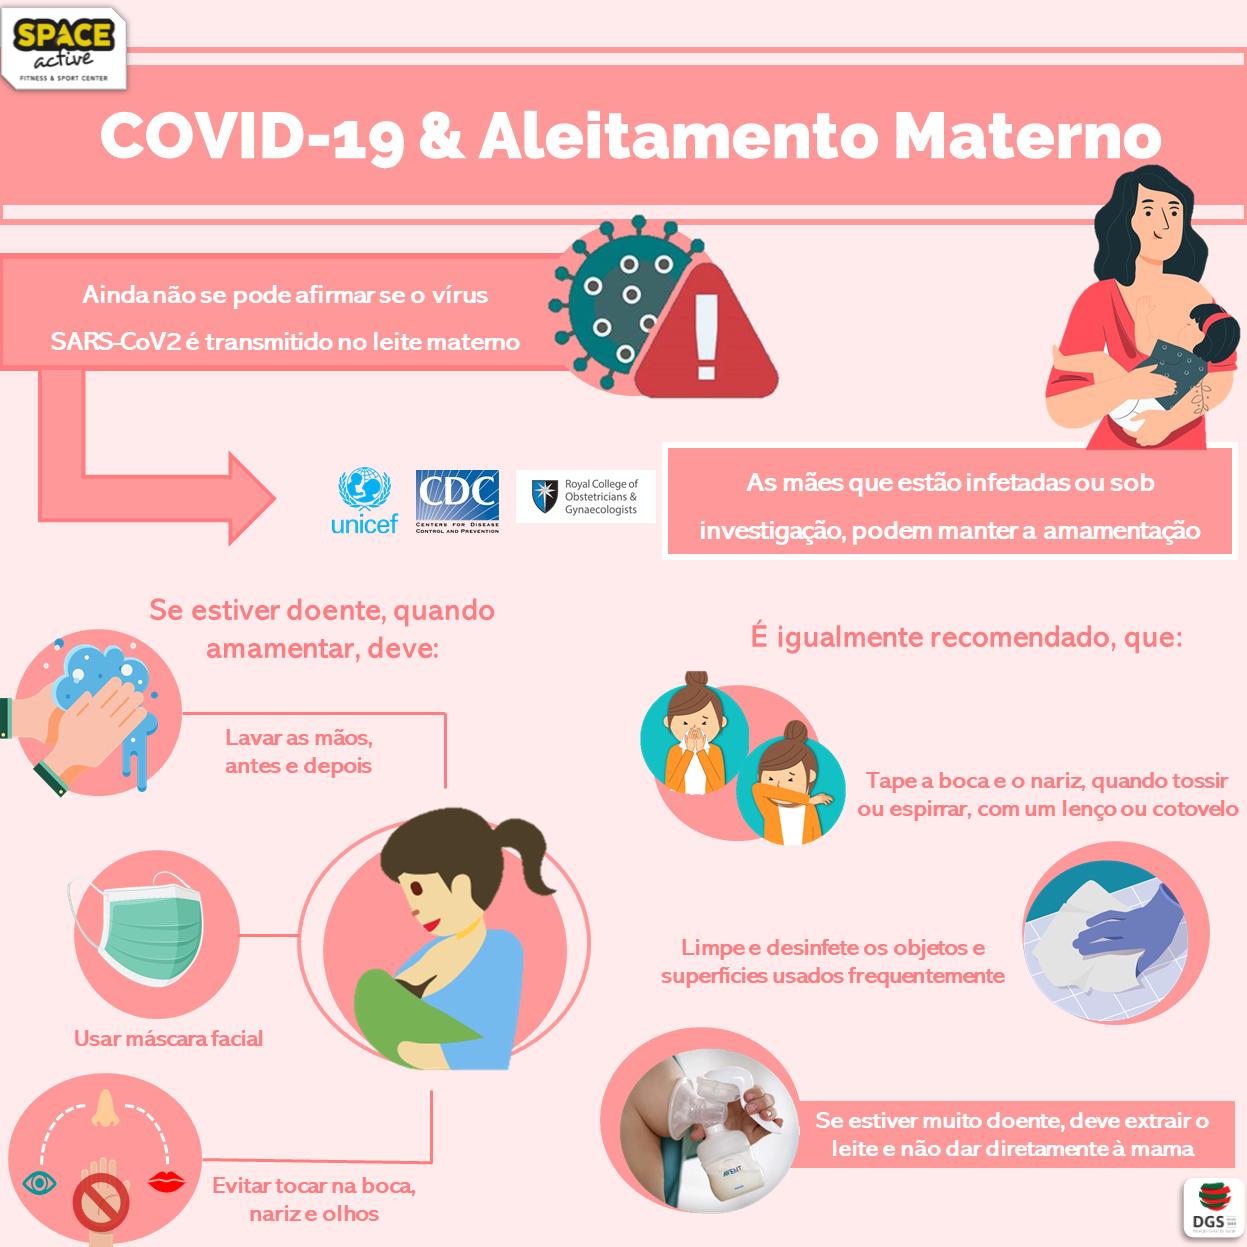 COVID-19 & Aleitamento Materno 🤱